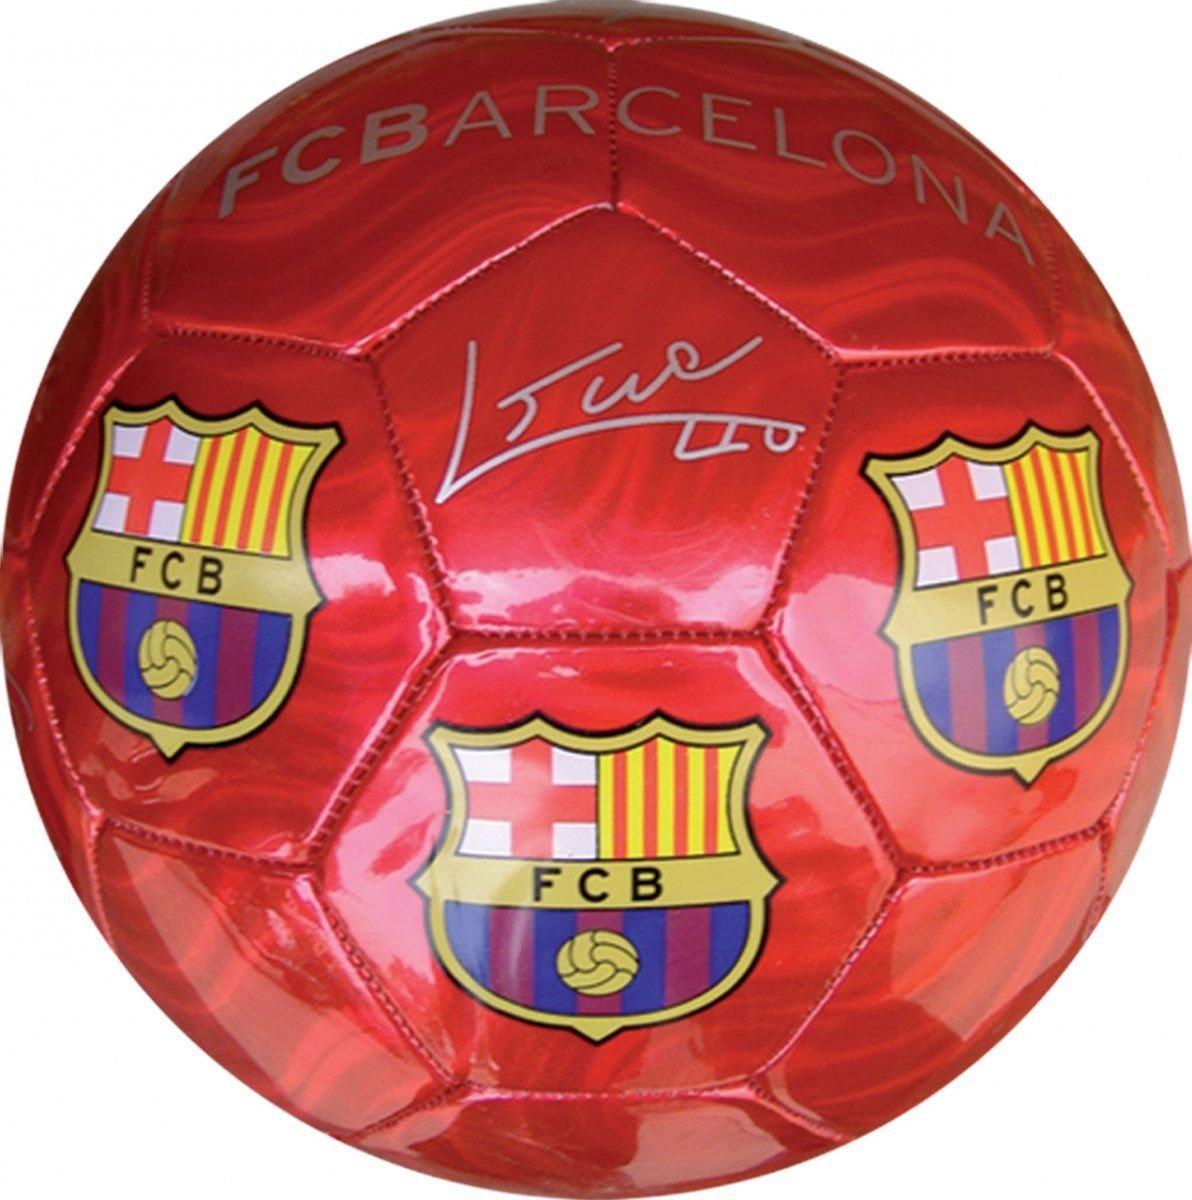 FCバルセロナサッカーボールMediumサイズ2レッド B011DOROJ6